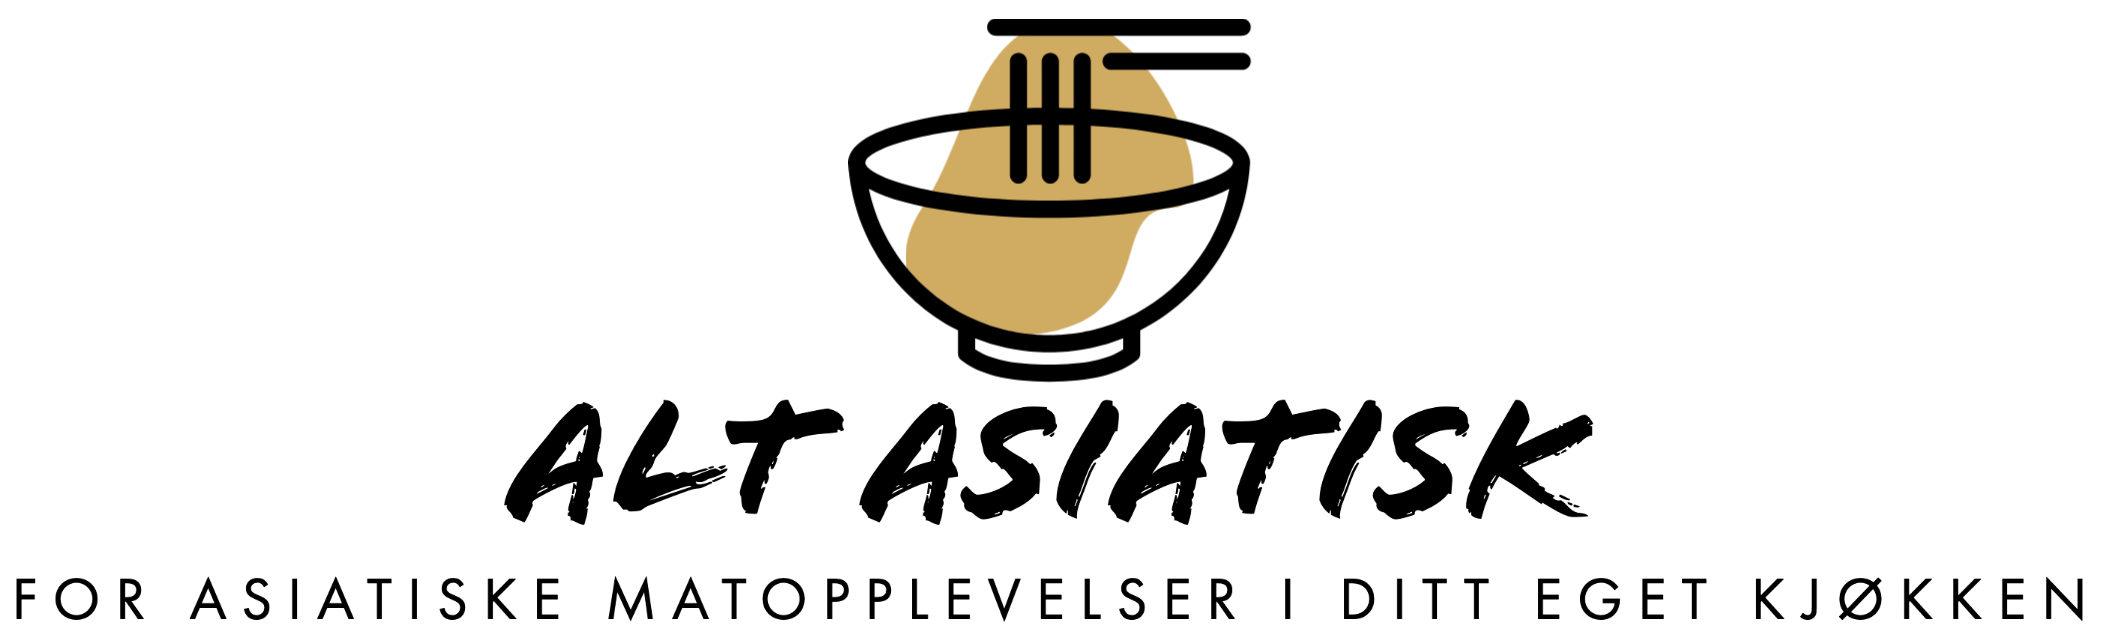 Alt Asiatisk